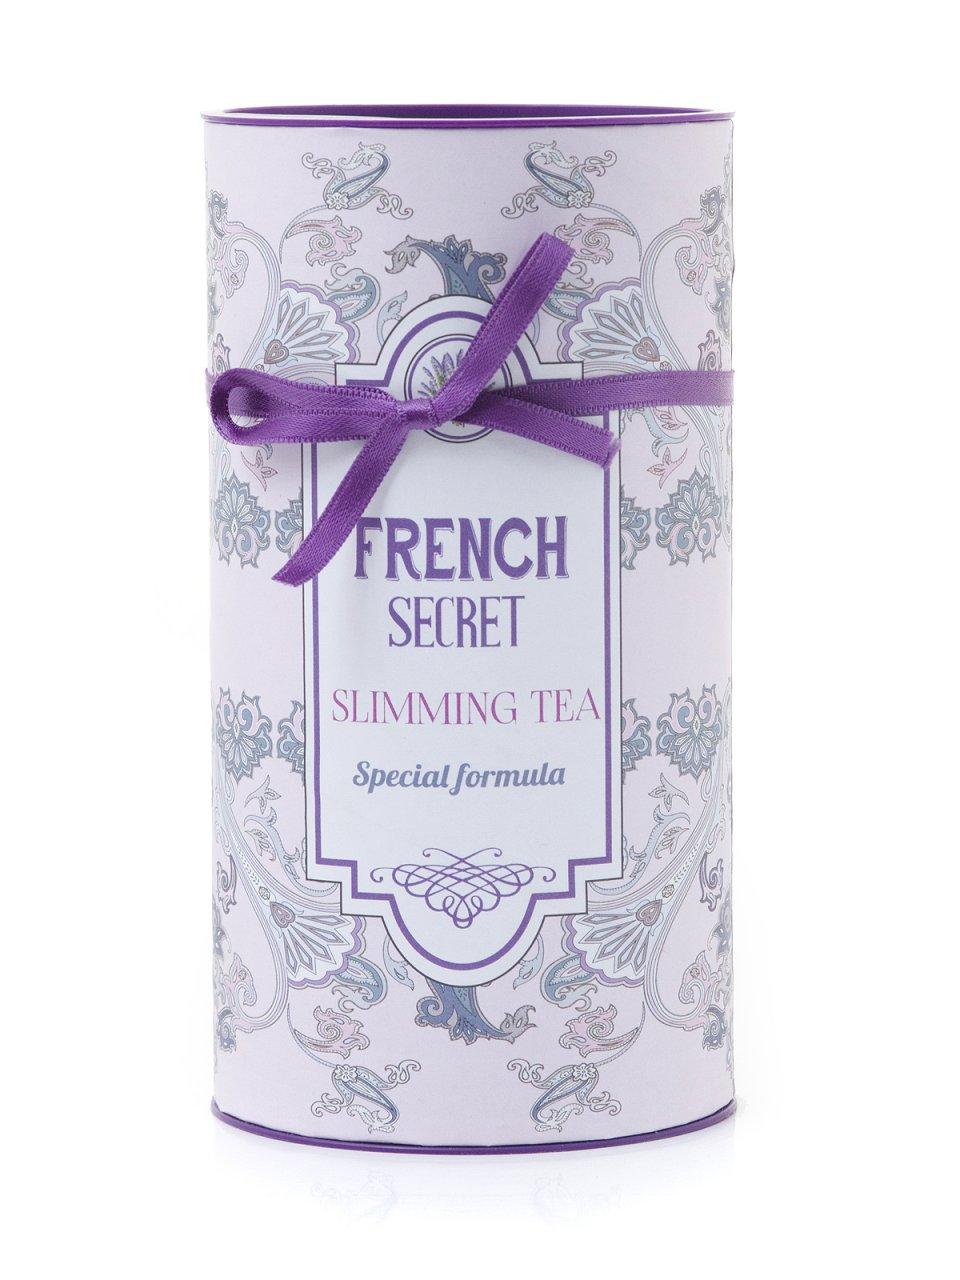 2 ПАКЕТА FRENCH SECRET TEA SLIMMING (120 БР) + БУРКАН